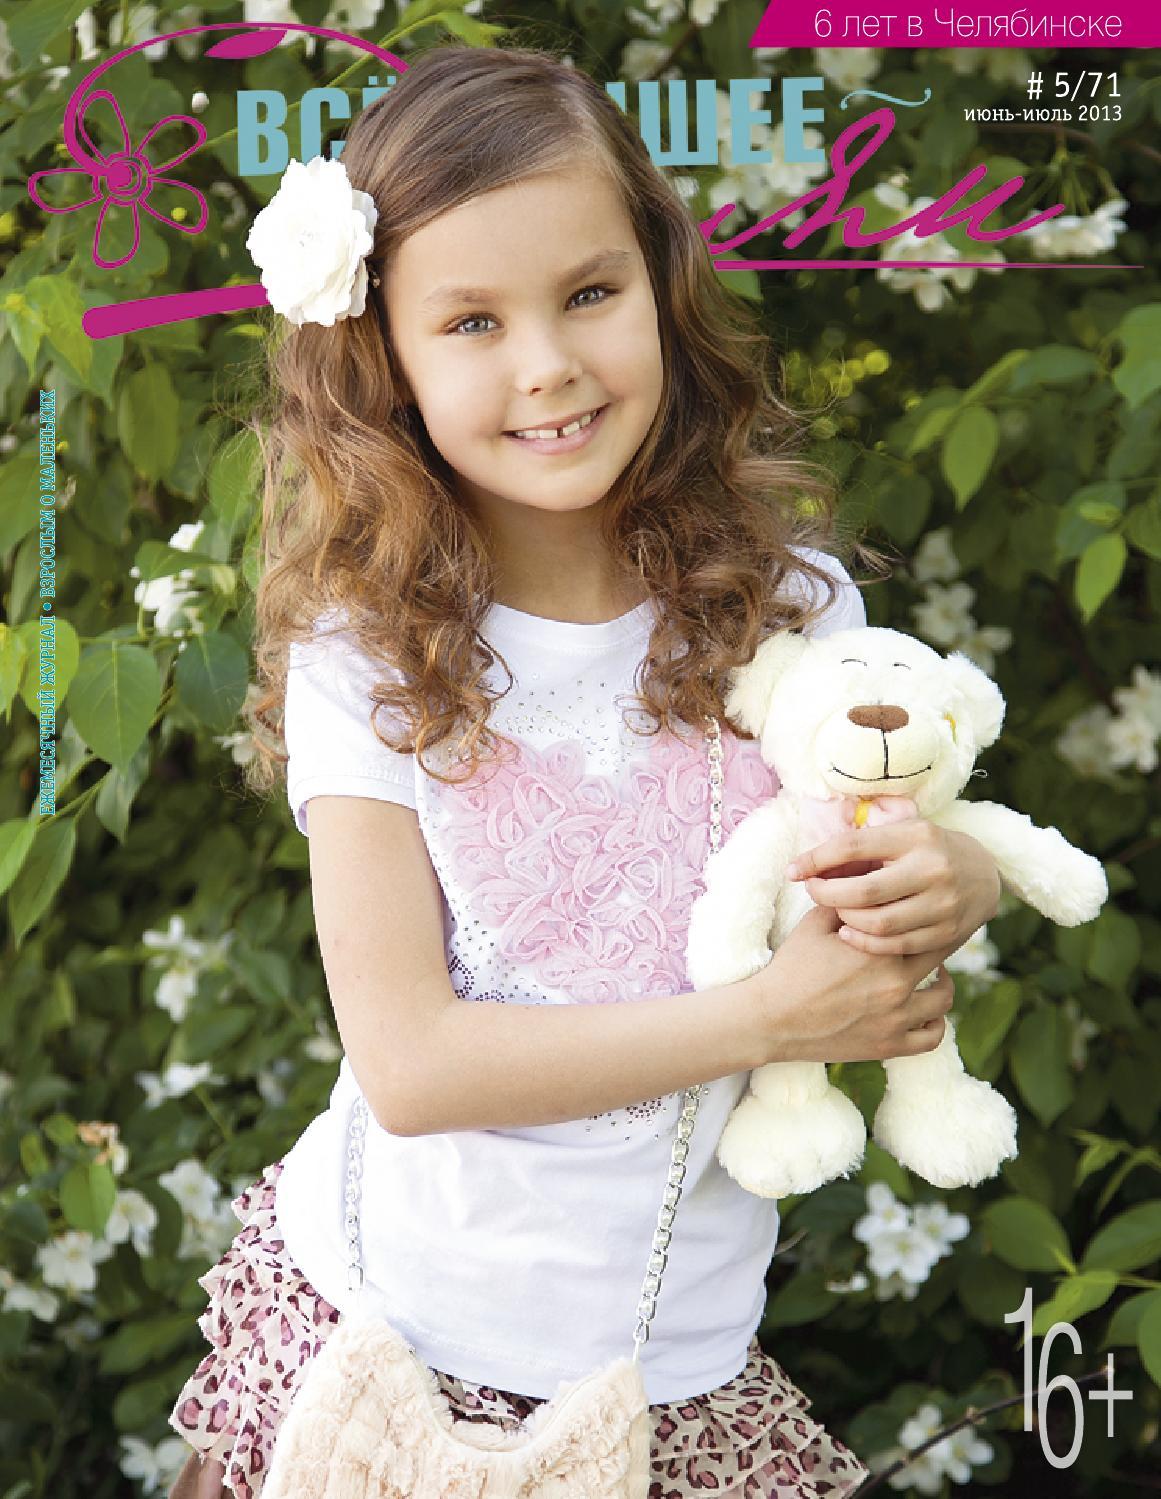 LookMart.ru – большой ассортимент детских товаров для современных родителей